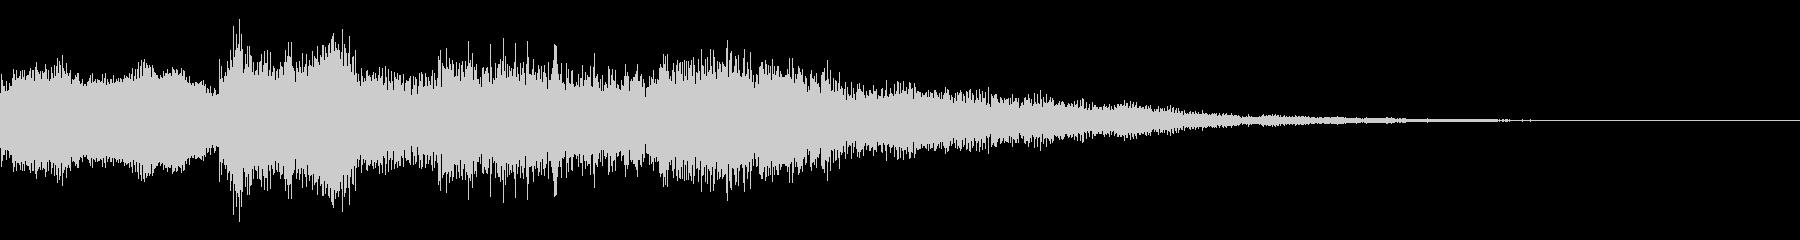 ピンポンパンポン(アナウンス終わりの音)の未再生の波形